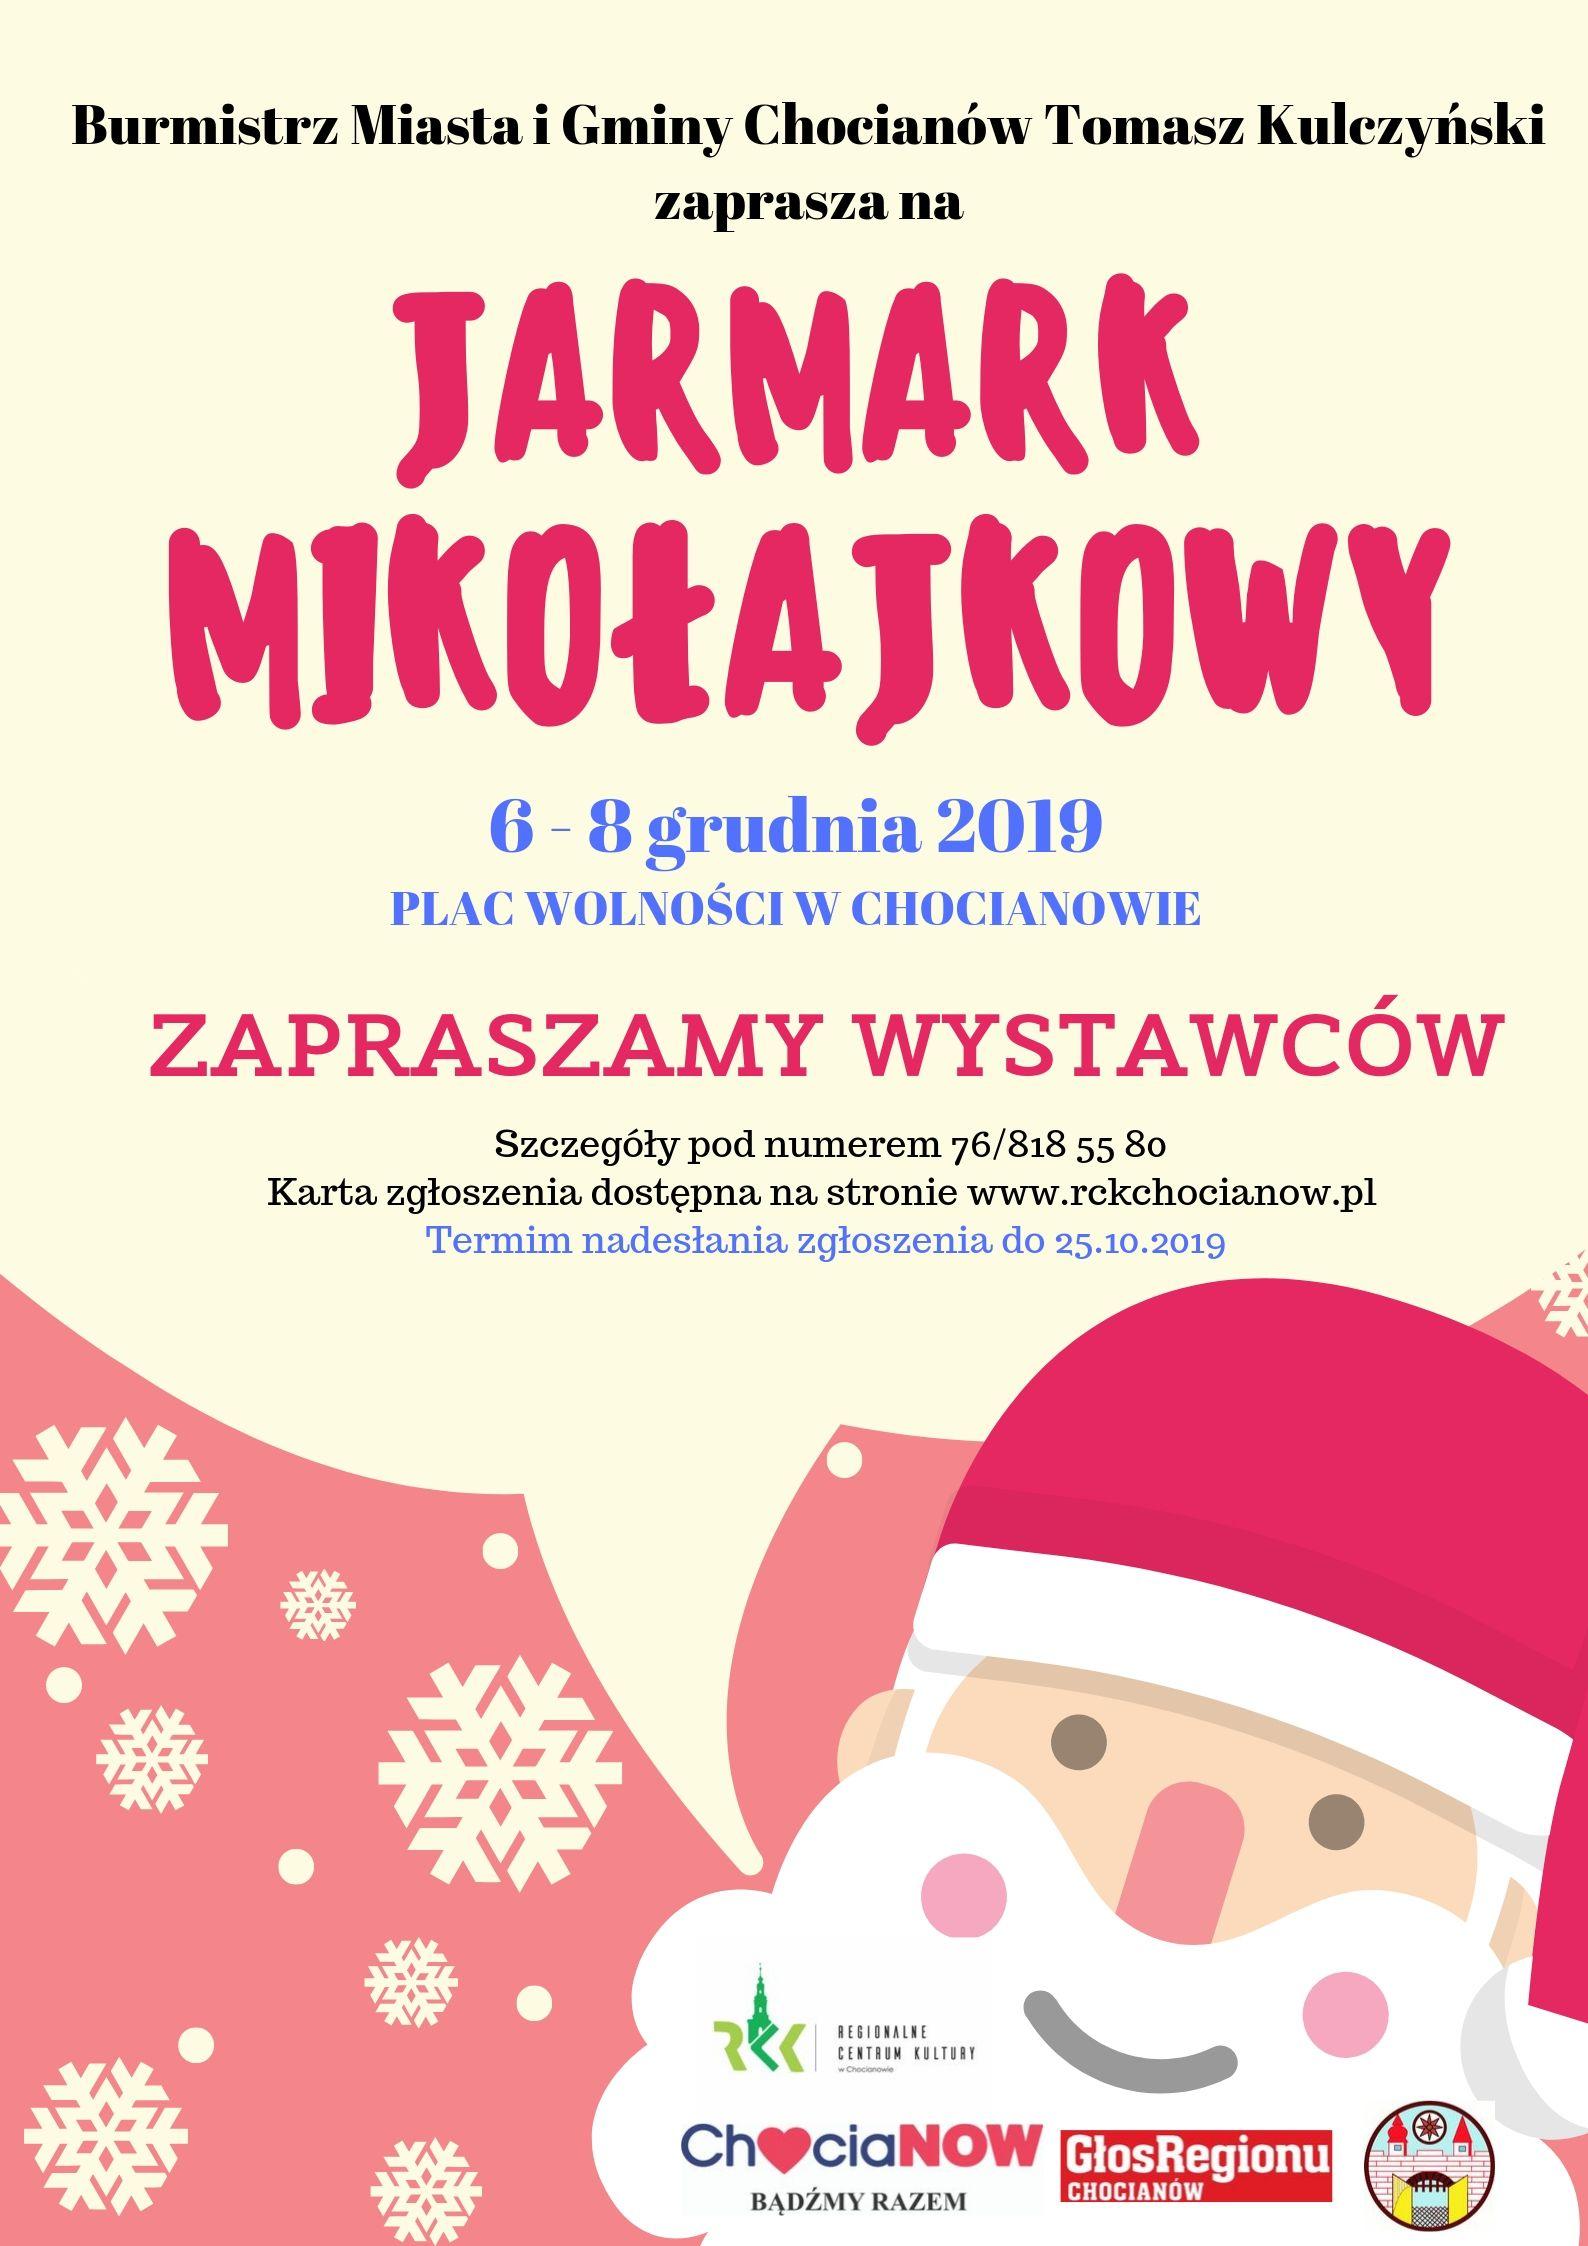 Ruszyły zapisy wystawców na Jarmark Mikołajkowy